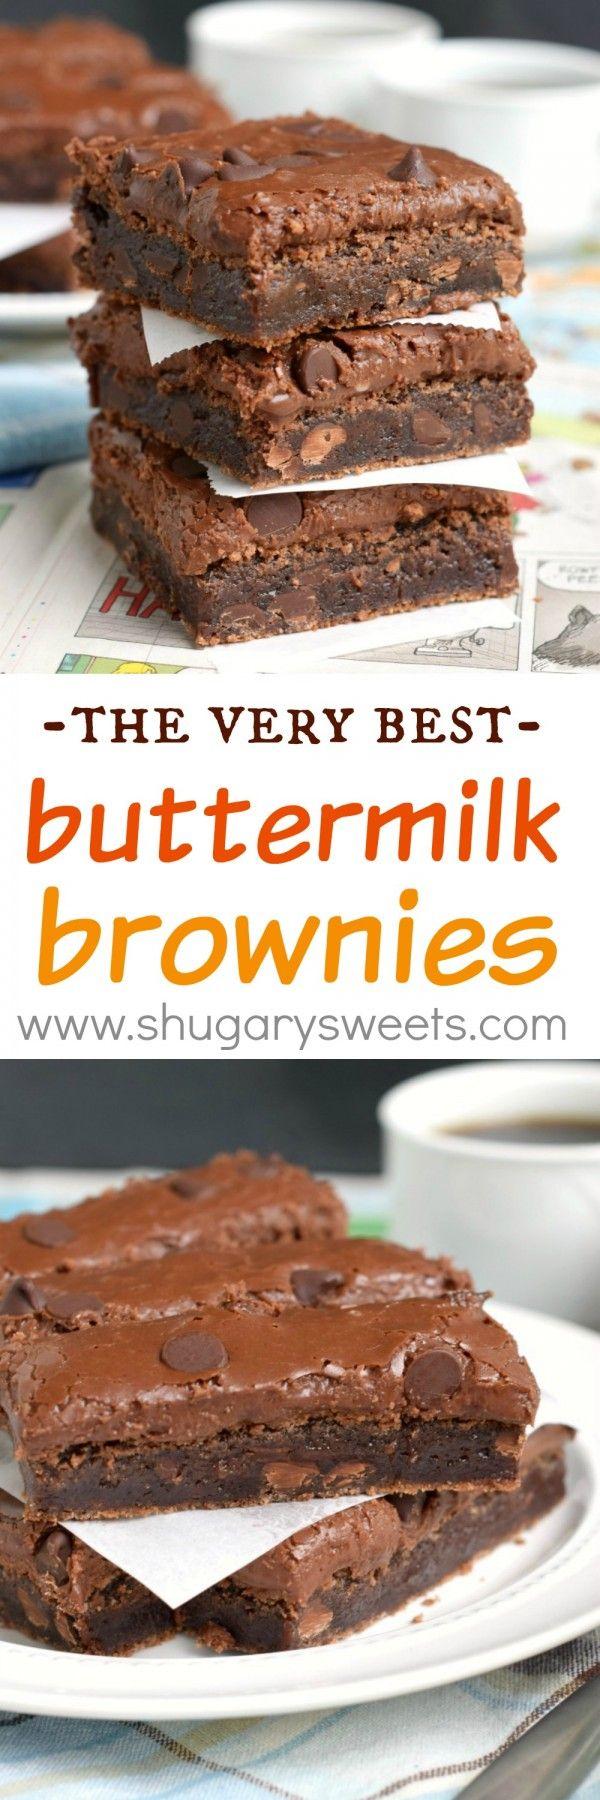 Buttermilk Brownies Desserts Buttermilk Brownies Best Brownies